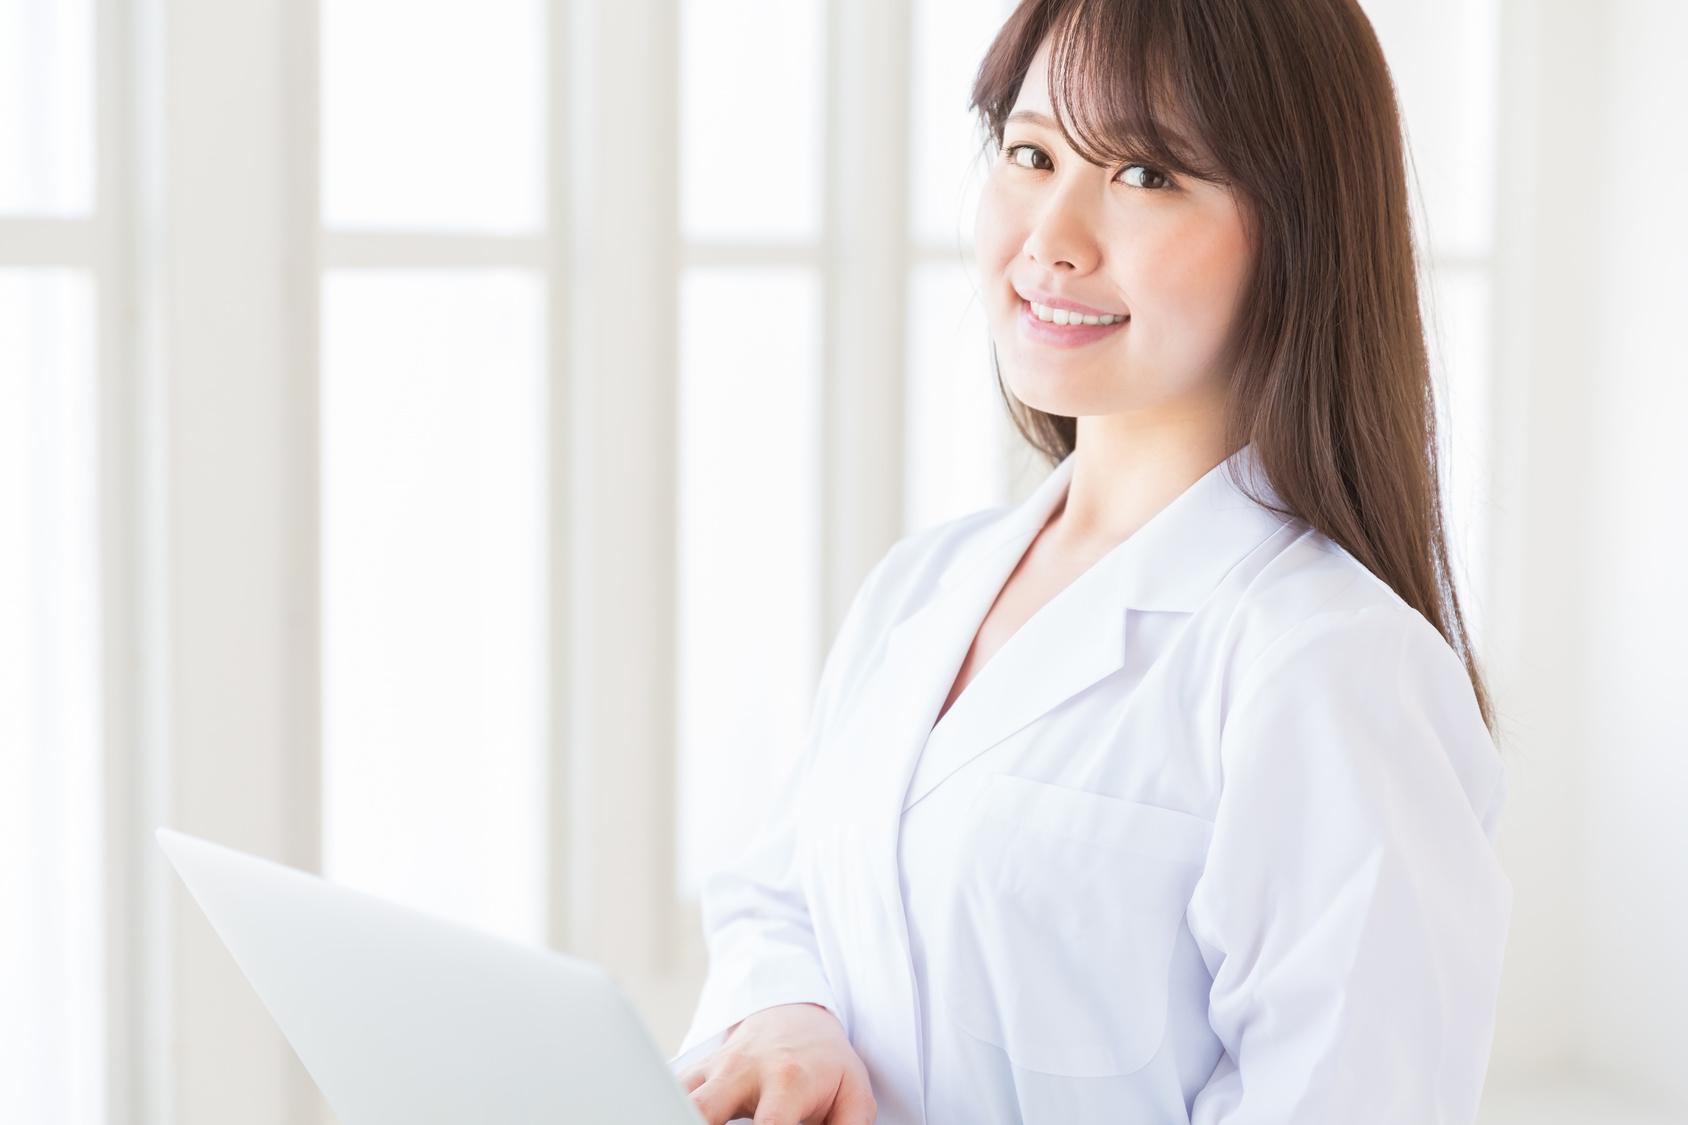 がん検診にはオプションがある!?医師が教える、がん検診を受けるときに知っておきたいポイント!